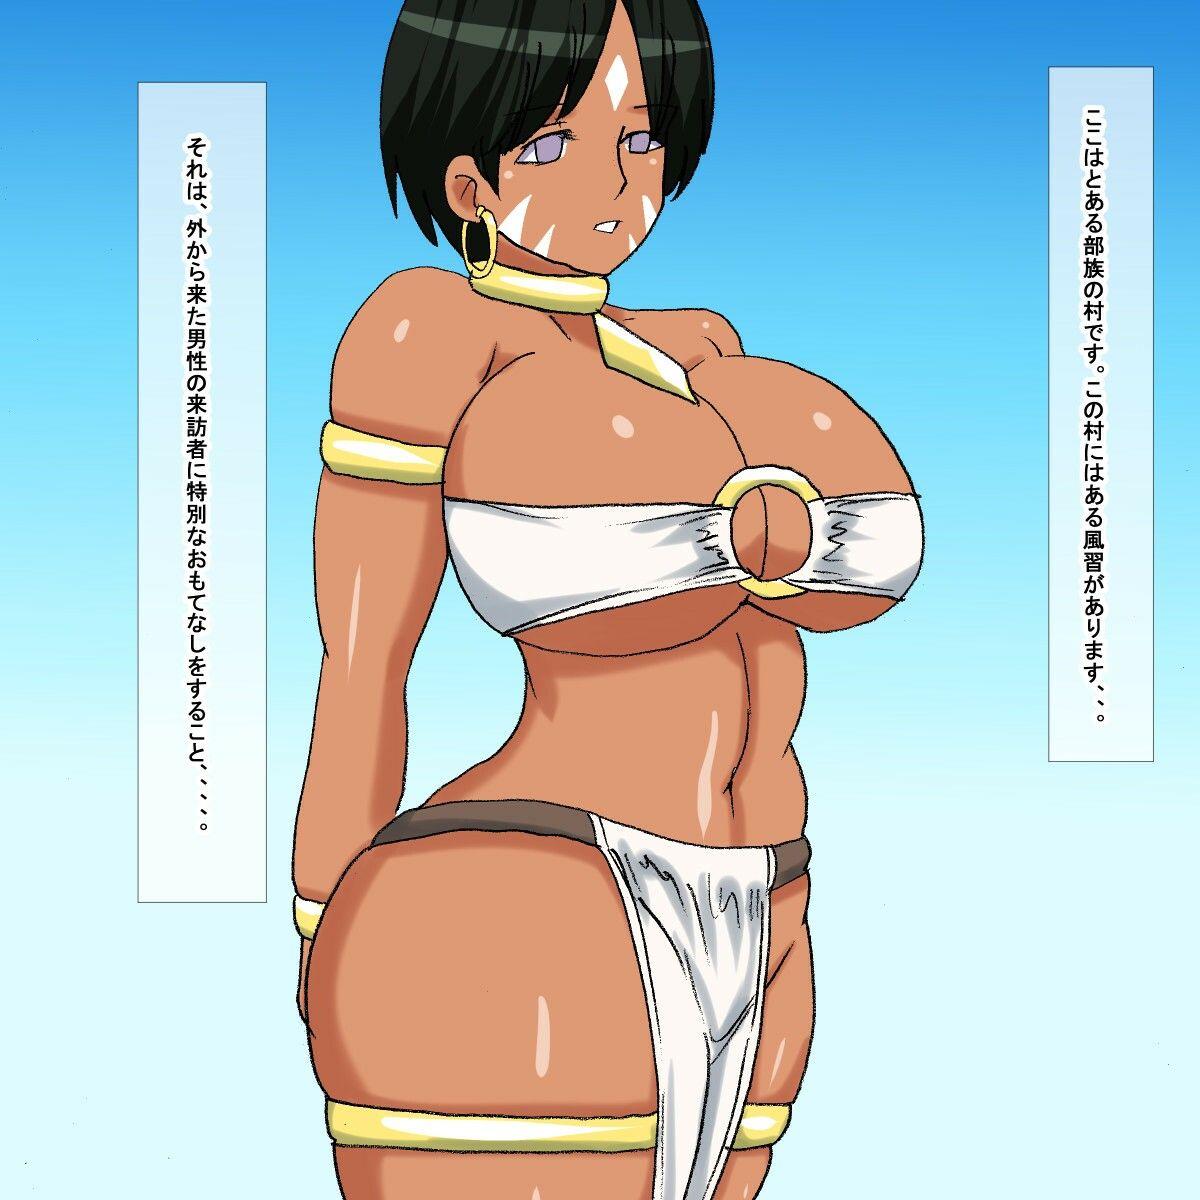 ou むちむち褐色部族娘 エロ画像